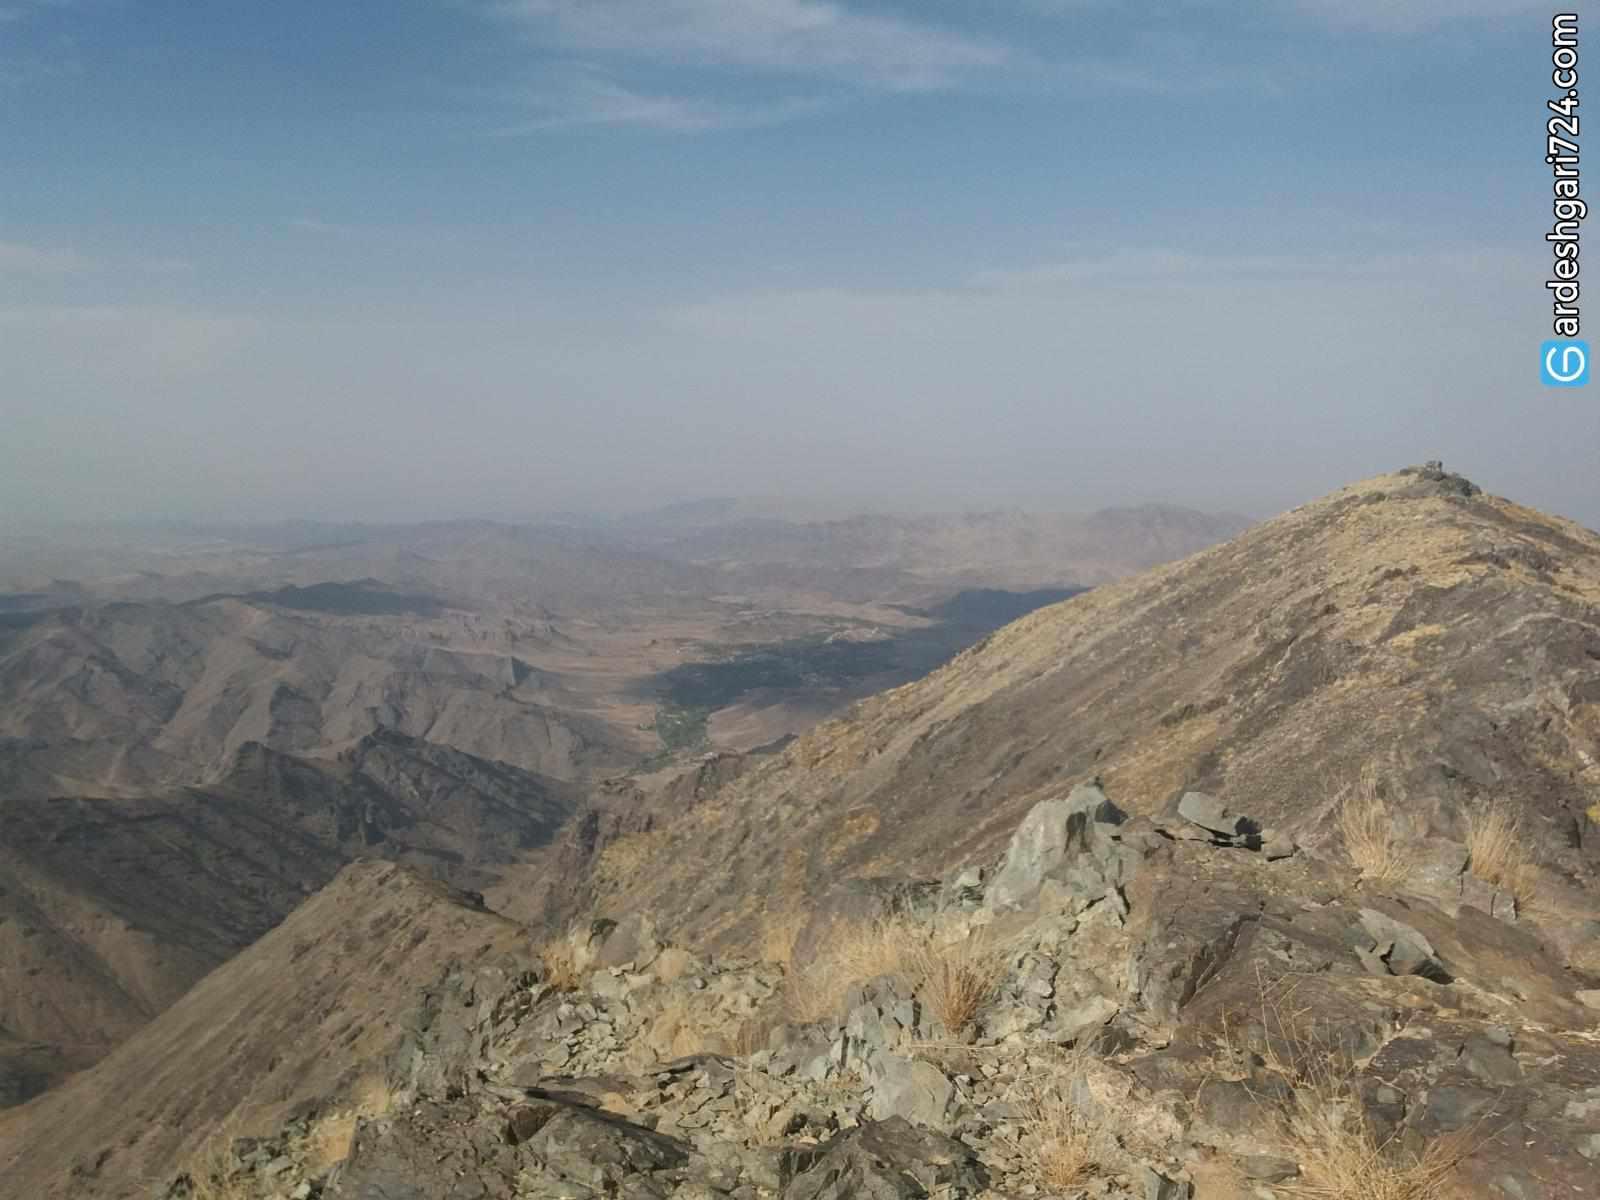 کوه الوند، طبیعت بکر وشنوه